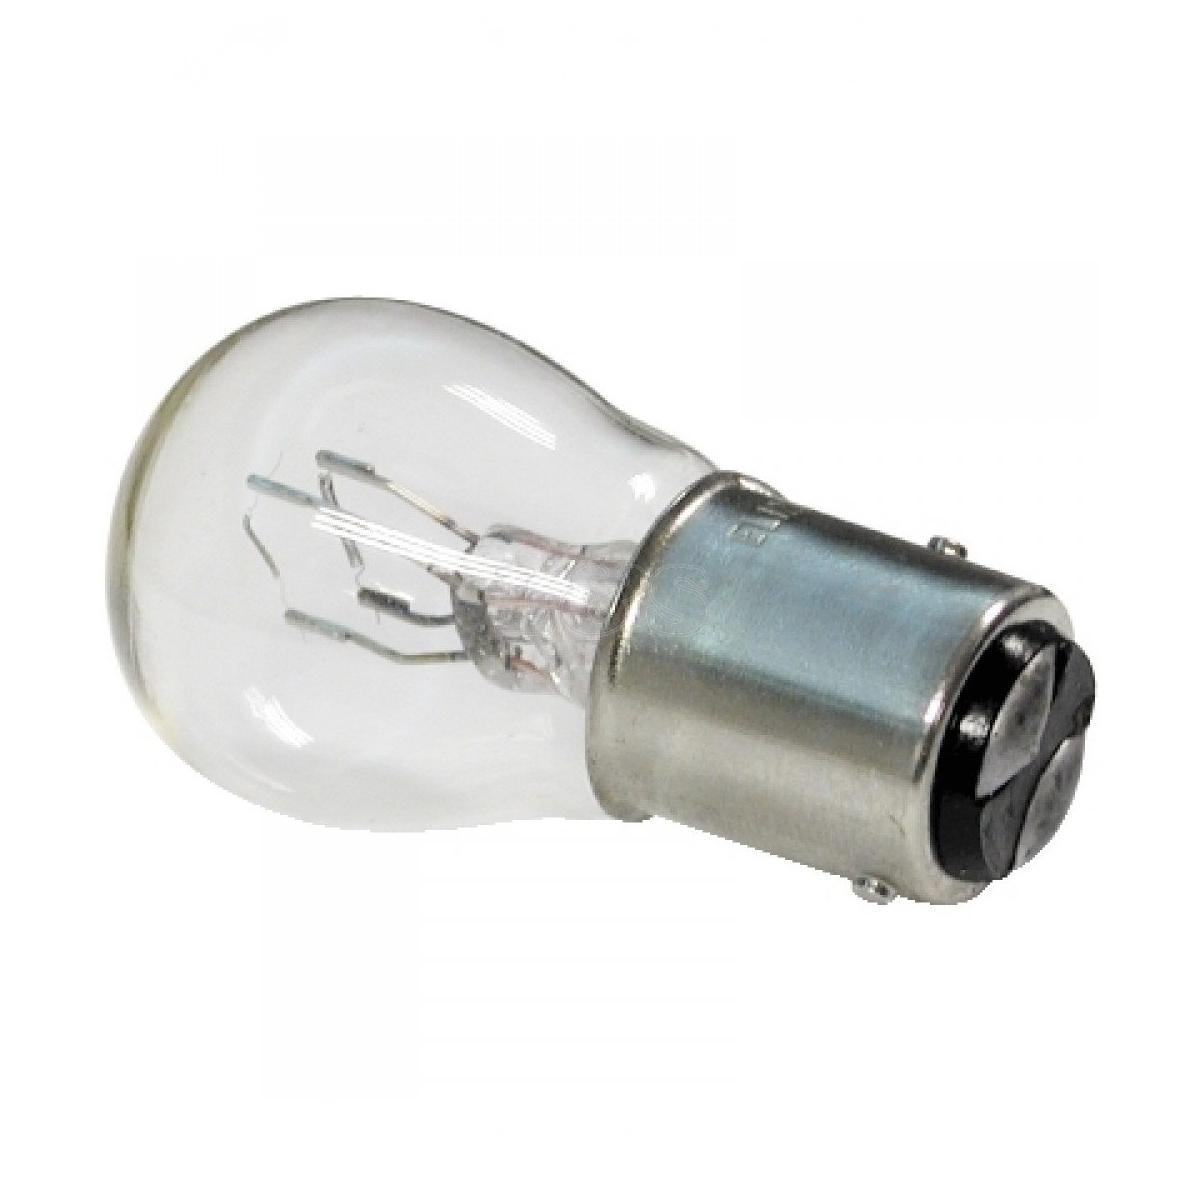 Auxillary Stop Light Bulb